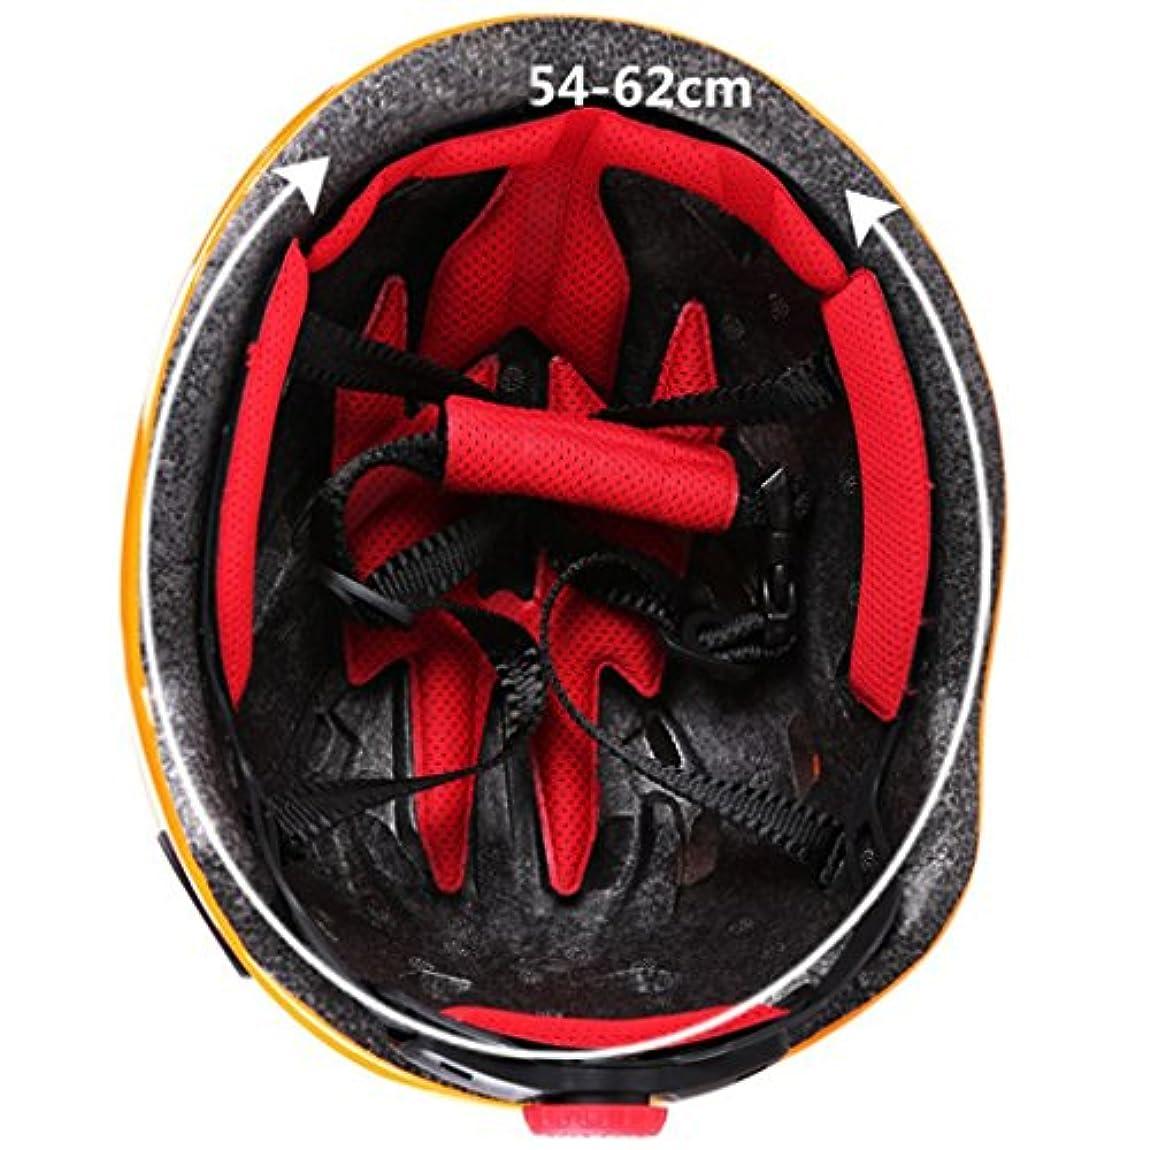 滞在知事コーン【ノーブランド品】 EPS + PC製 調整可能 アウトドア 登山 ヘルメット 安全 登山 保護ギア 全4色選べる - ホワイト